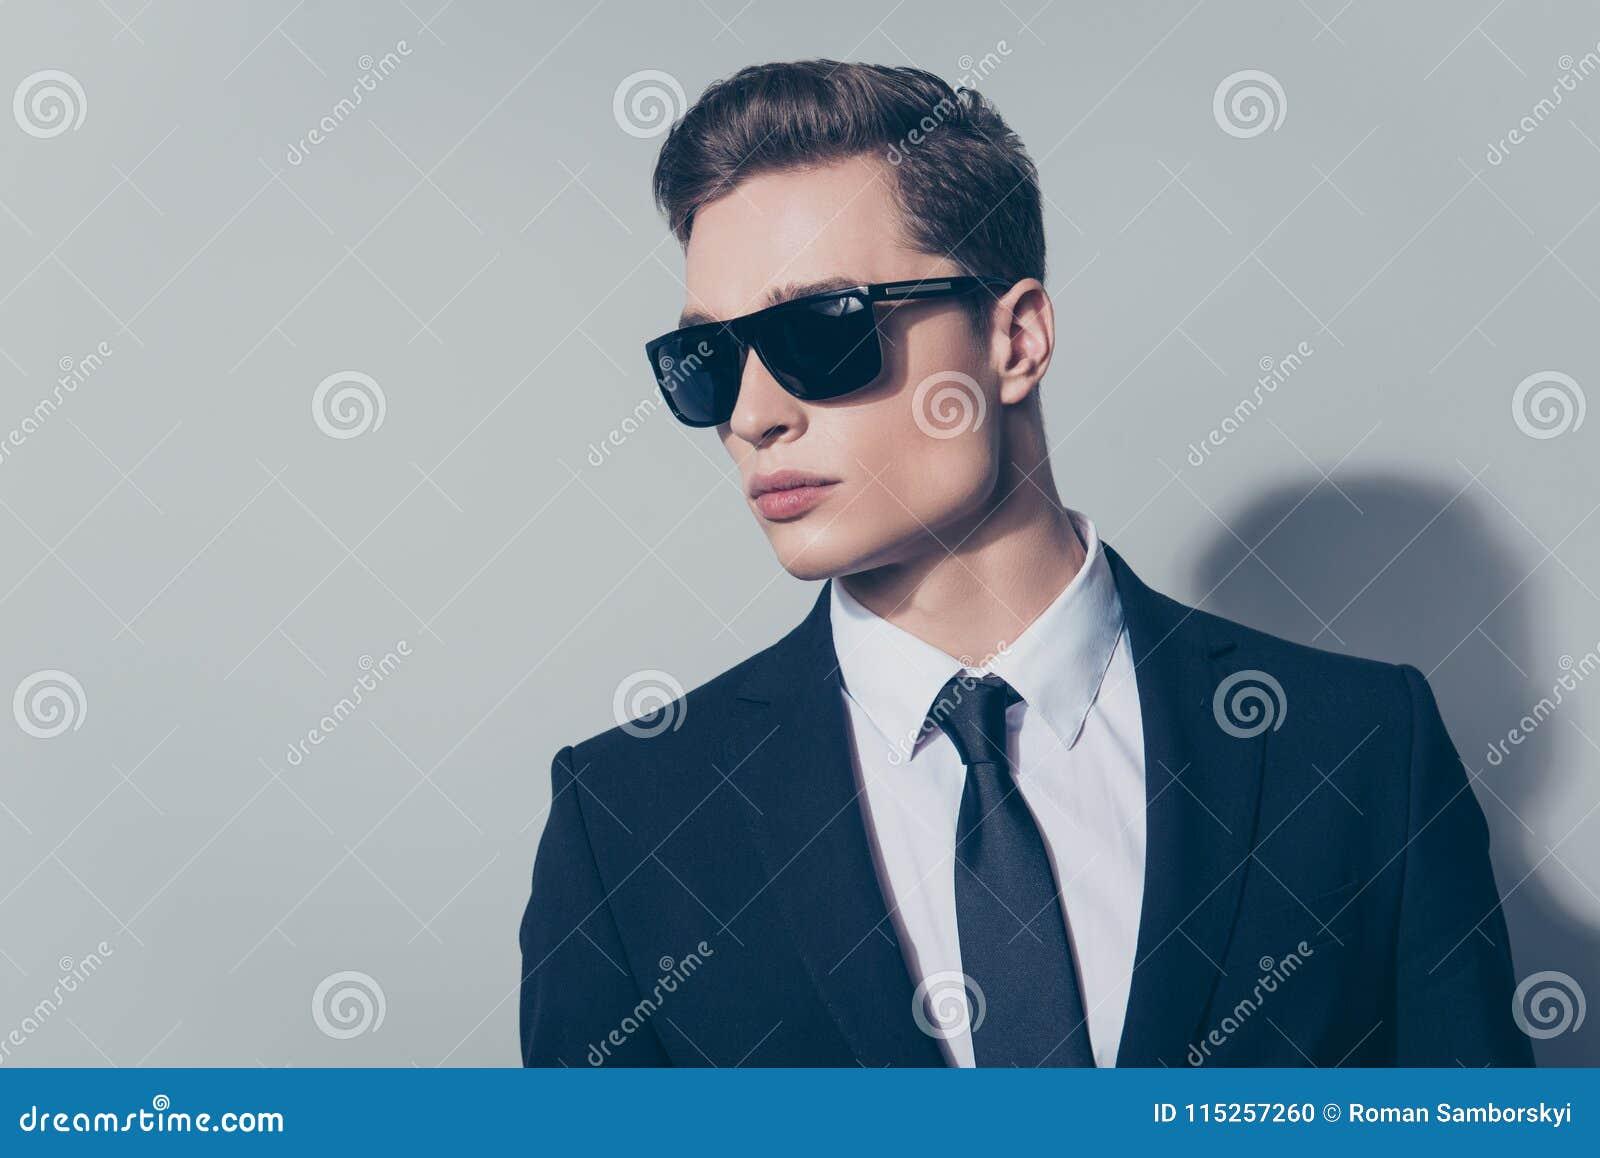 Zamyka w górę portreta elegancki atrakcyjny mężczyzna w czarnym kostiumu i